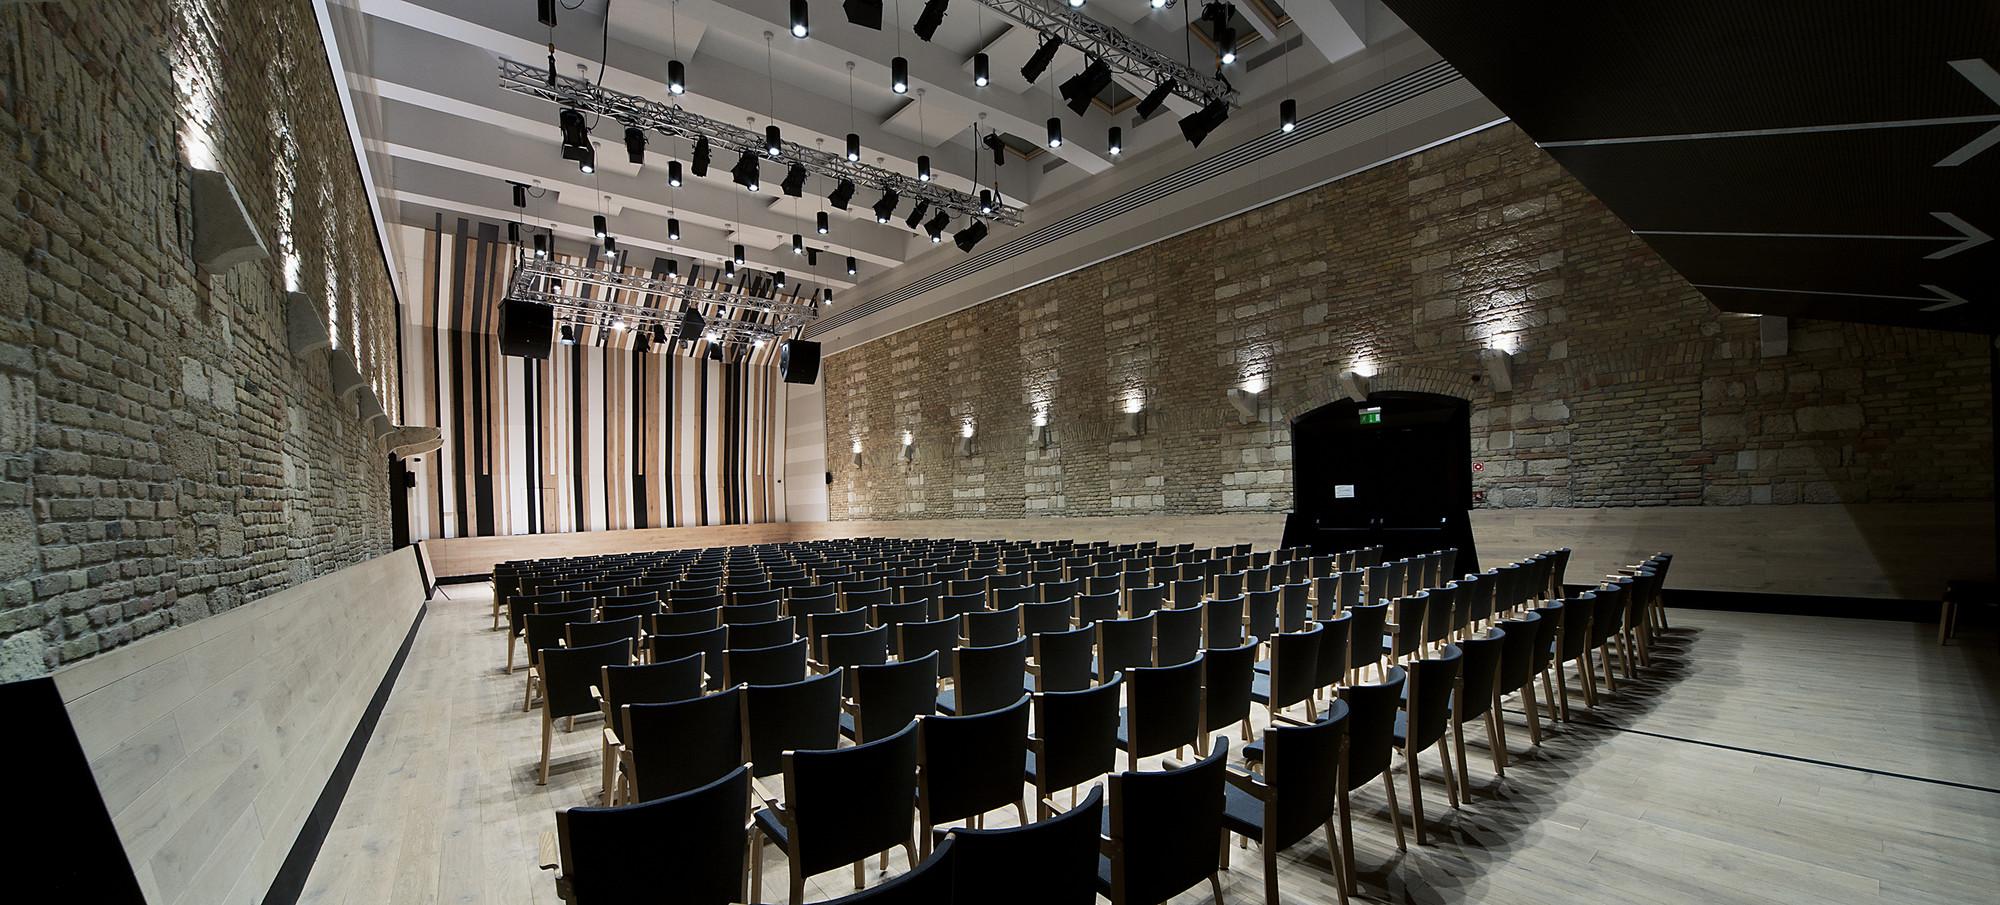 Gallery of Budapest Music Center  Art1st Design Studio  3